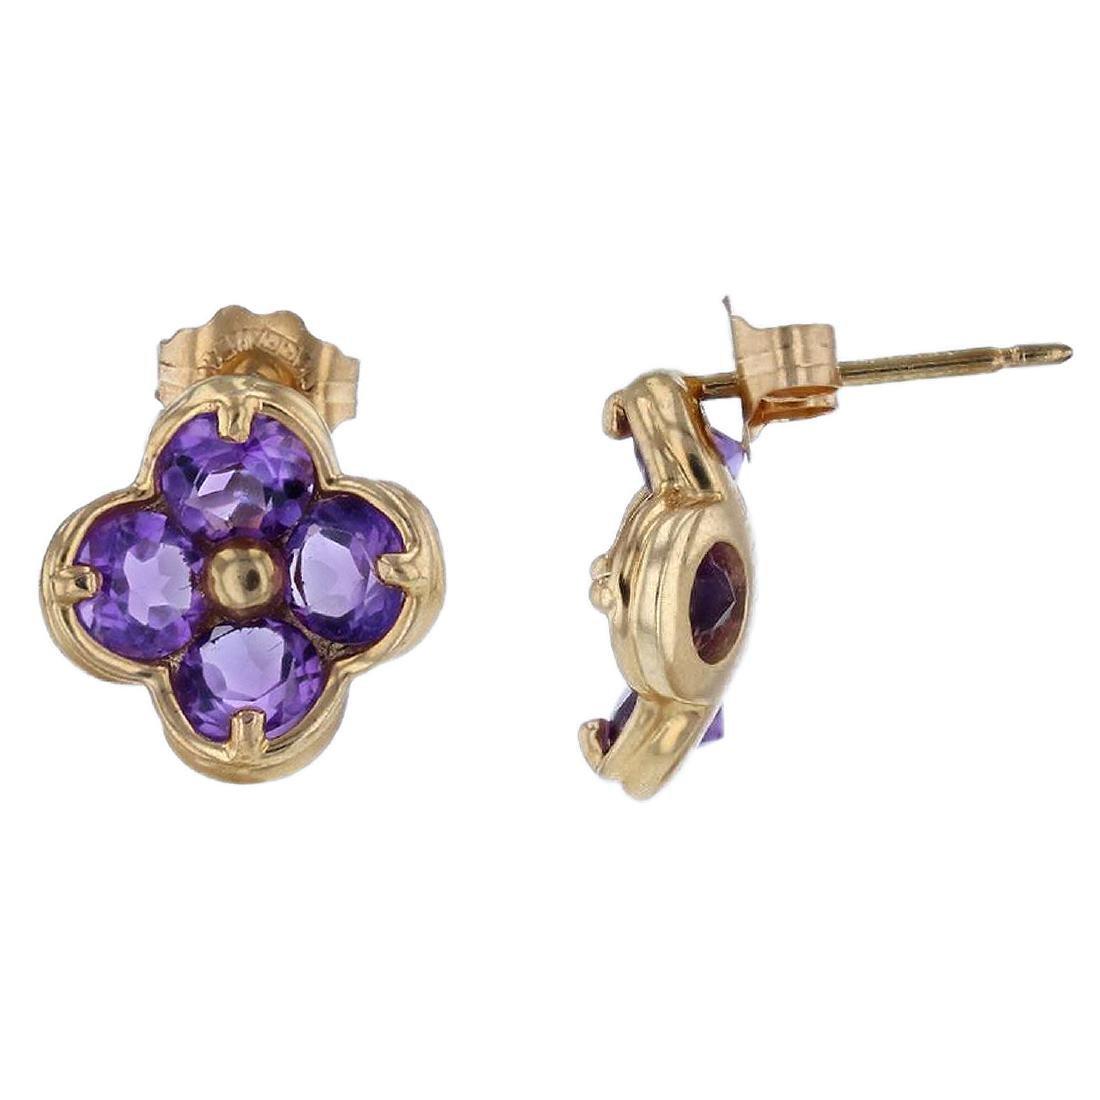 14KT Yellow Gold 1.80ctw Amethyst Earrings - 3